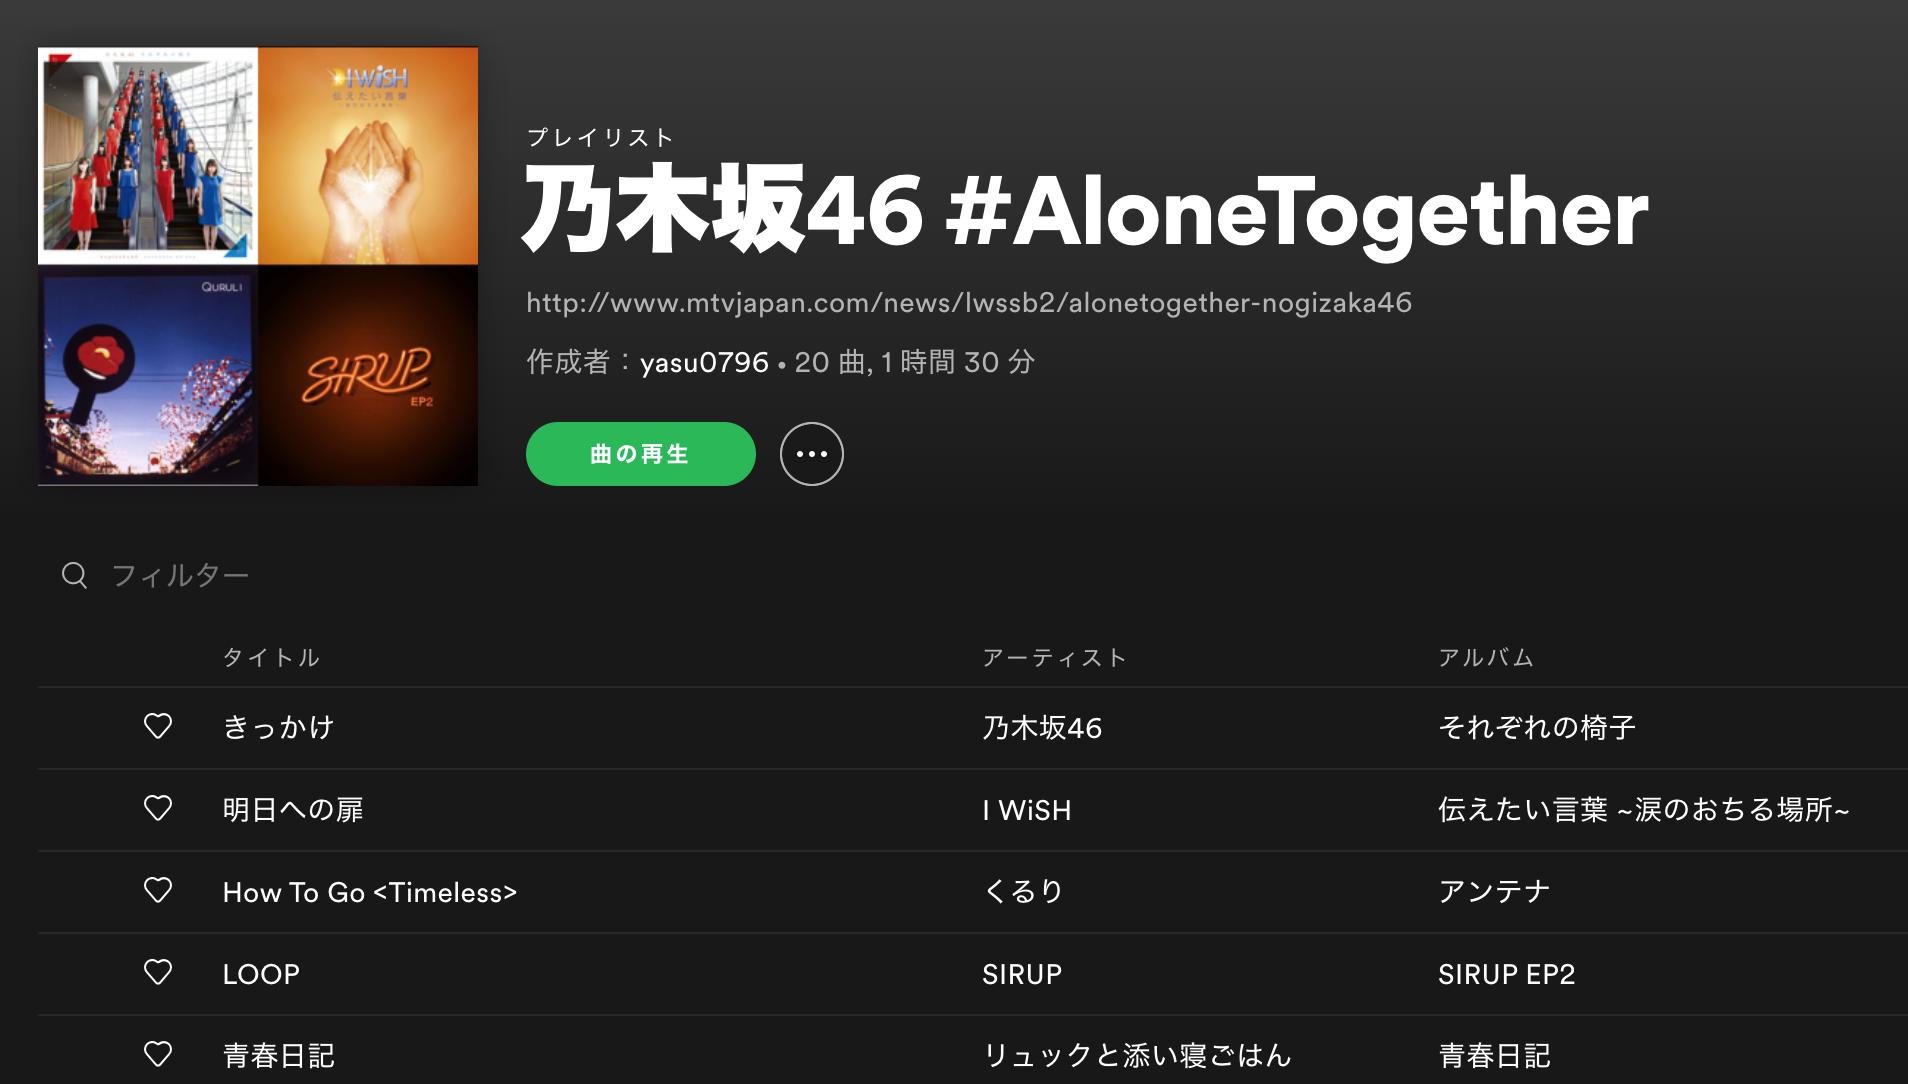 乃木坂46 #AloneTogether